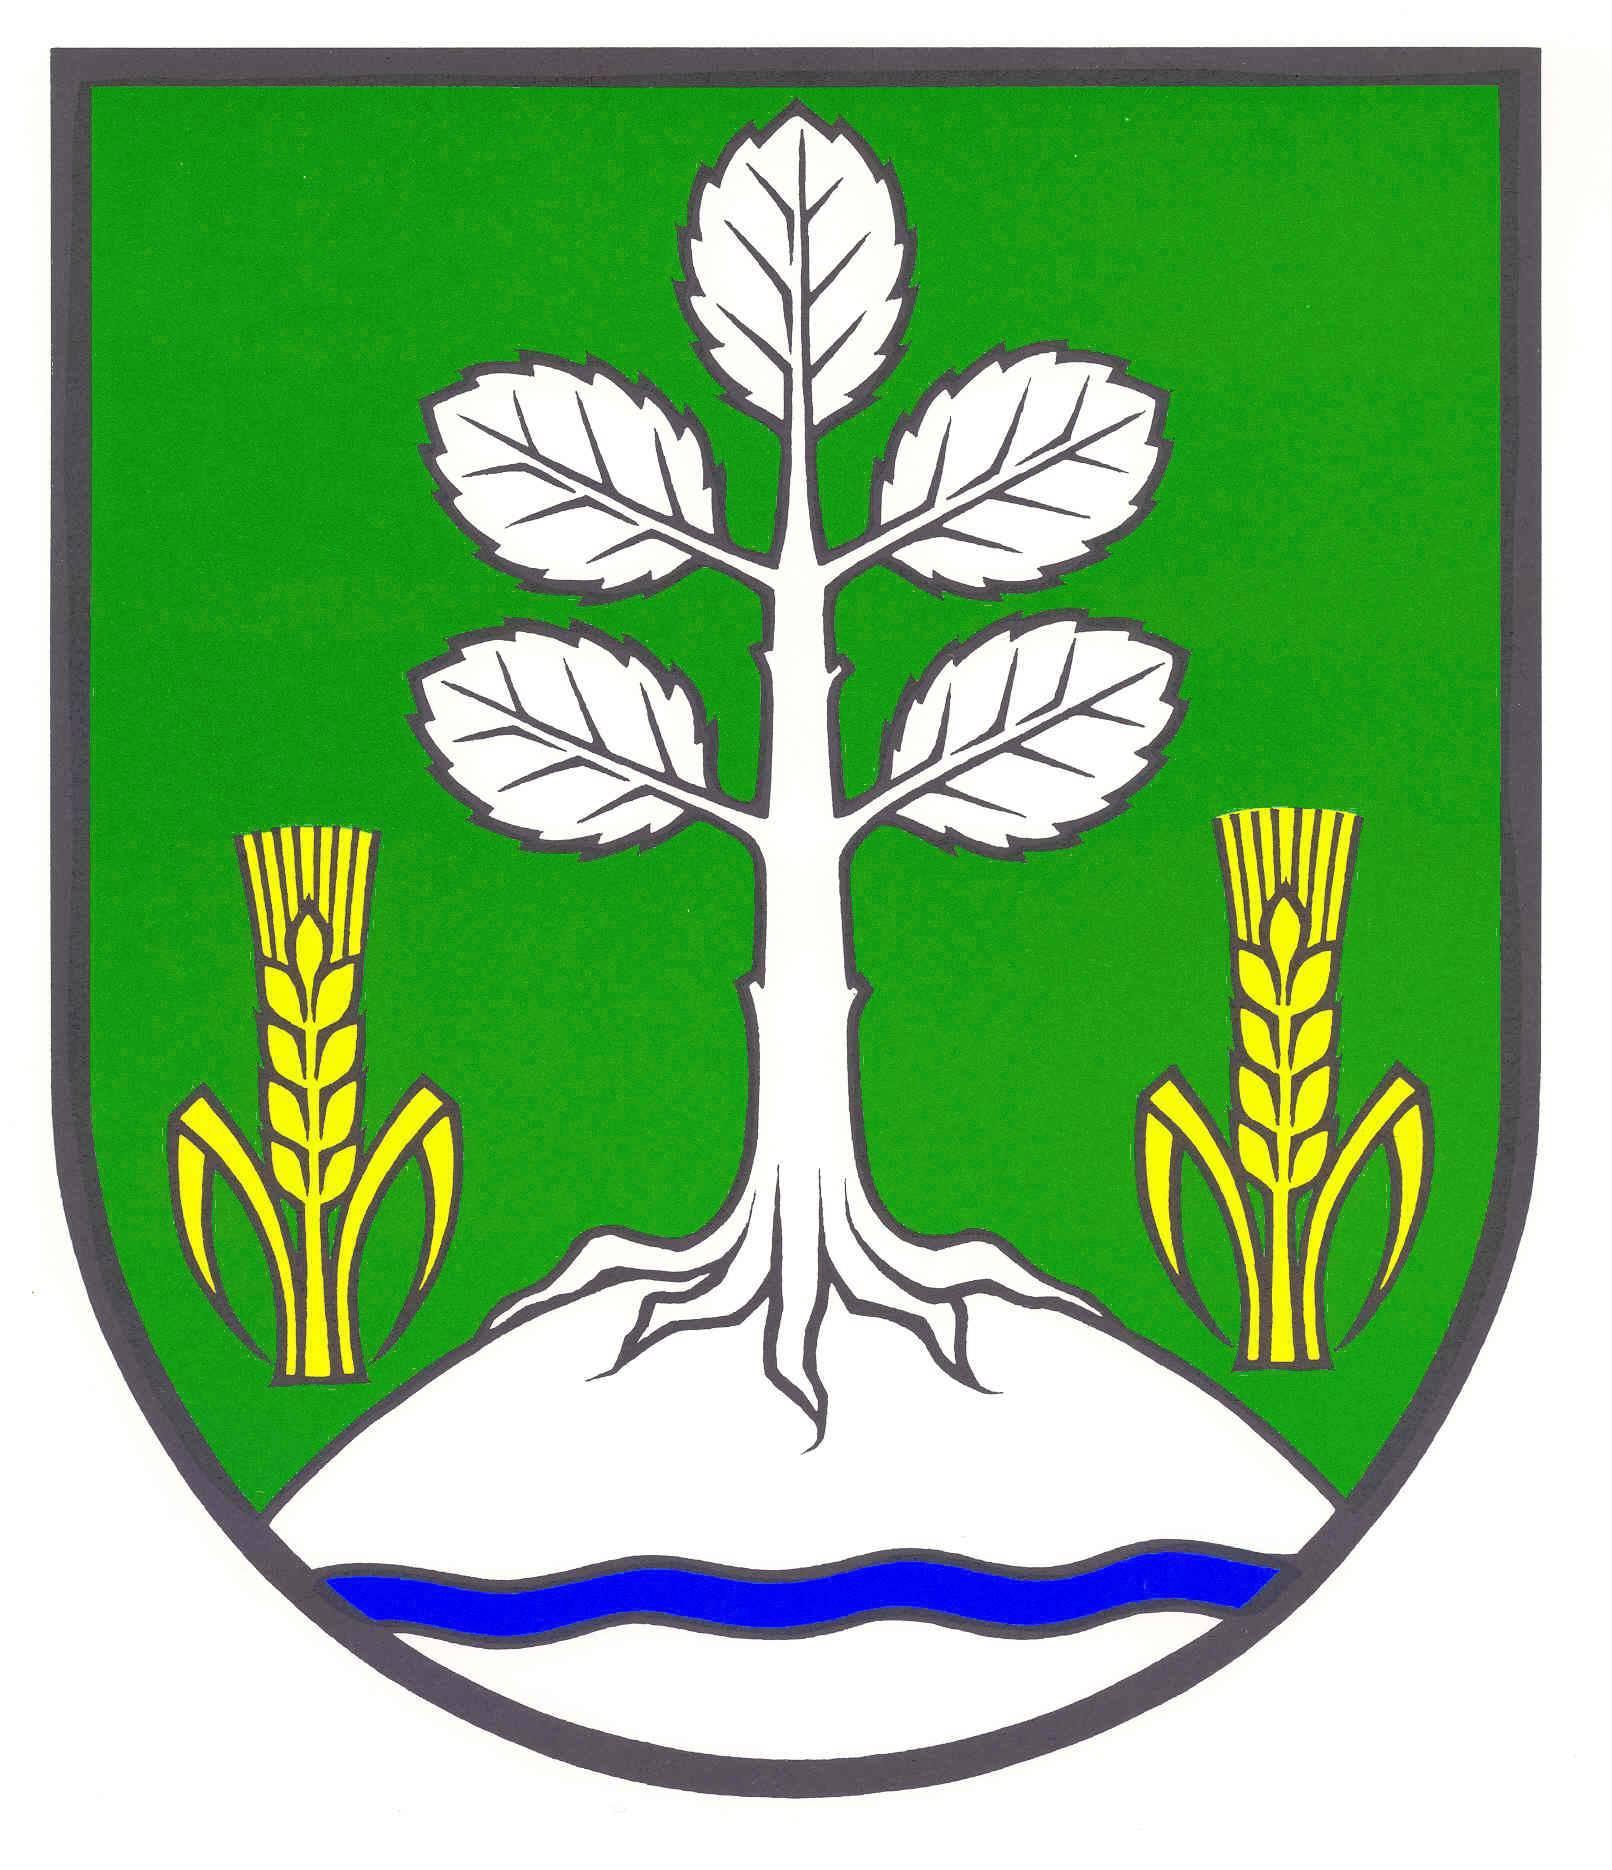 Wappen GemeindeOelixdorf, Kreis Steinburg